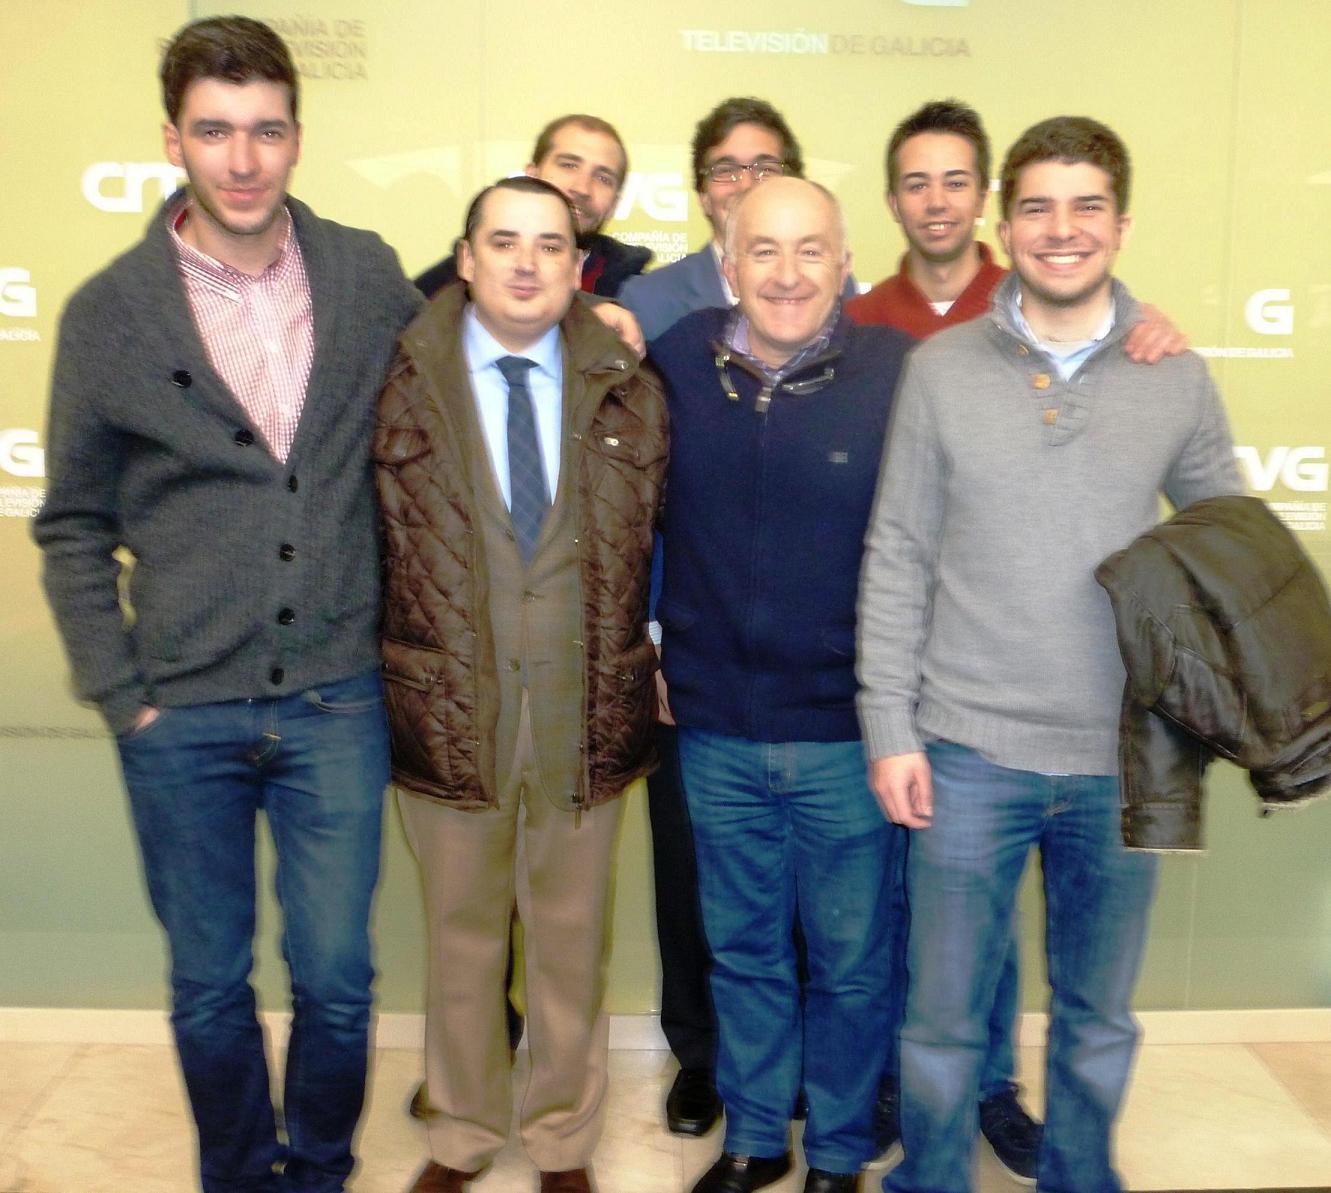 Residentes del Colegio Mayor visitan la TVG y el piloto de Rallys José Rivas participa en una tertulia en el Colegio Mayor